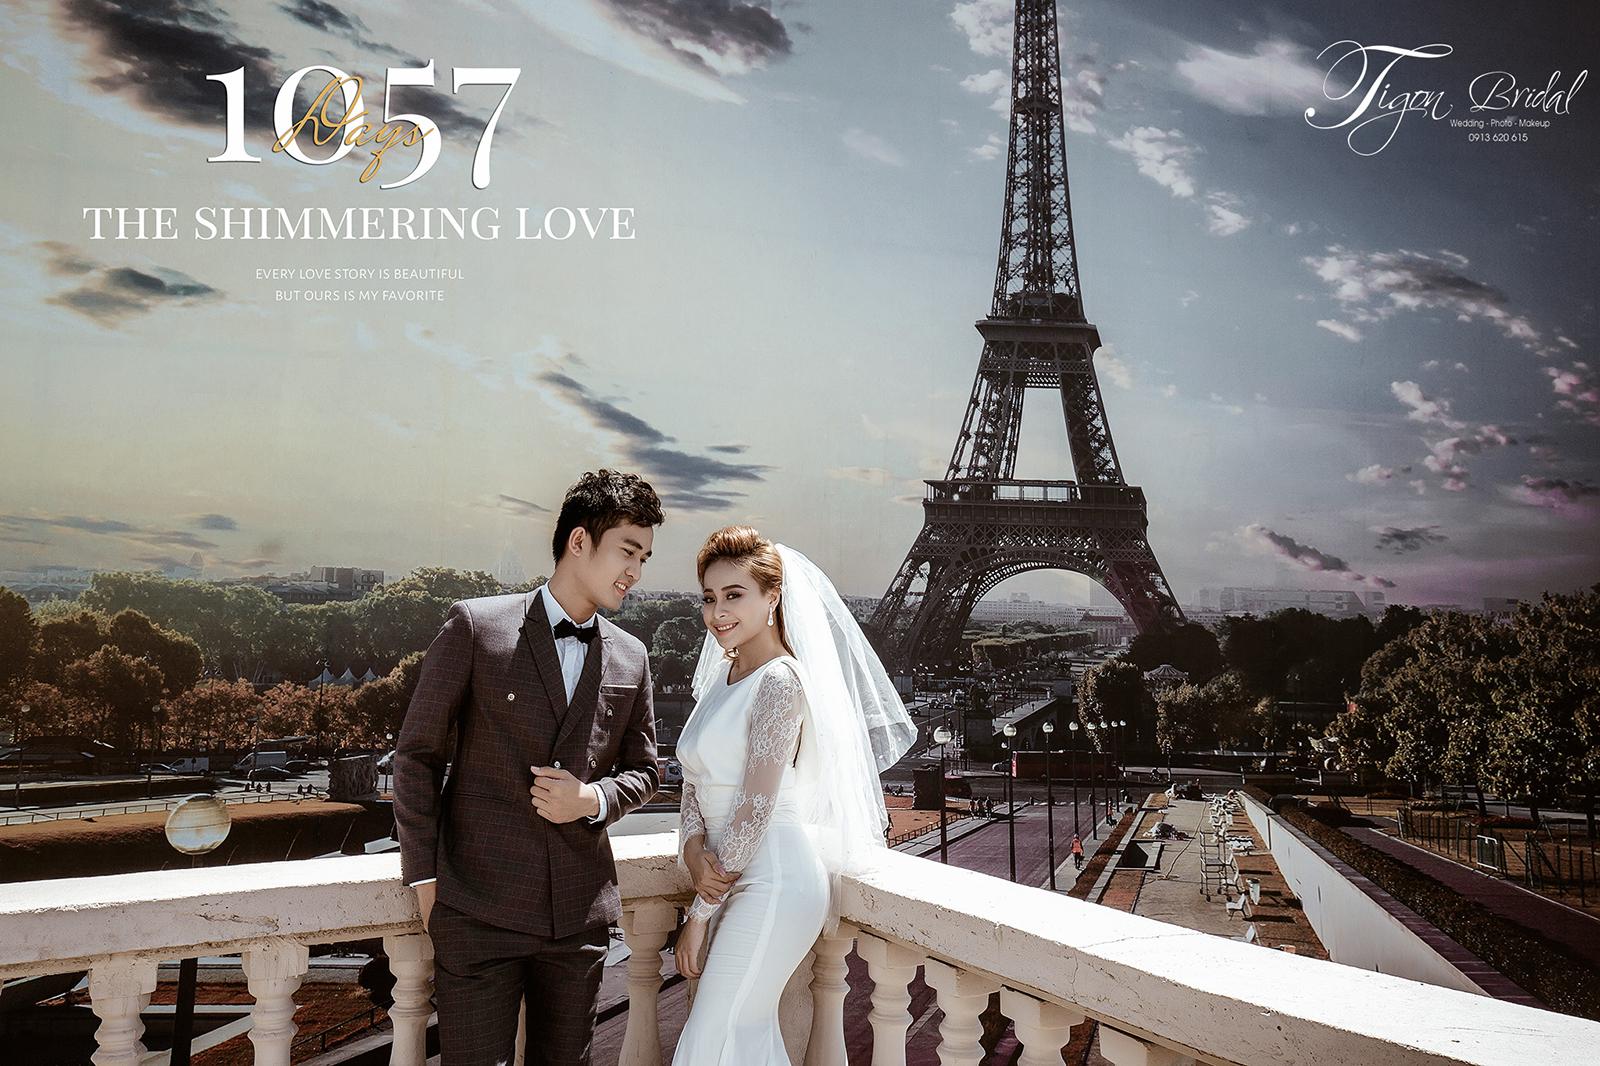 Xếp hạng 5 Studio chụp ảnh cưới đẹp nhất tx Phú Mỹ, Bà Rịa  -  Áo Cưới Tigon